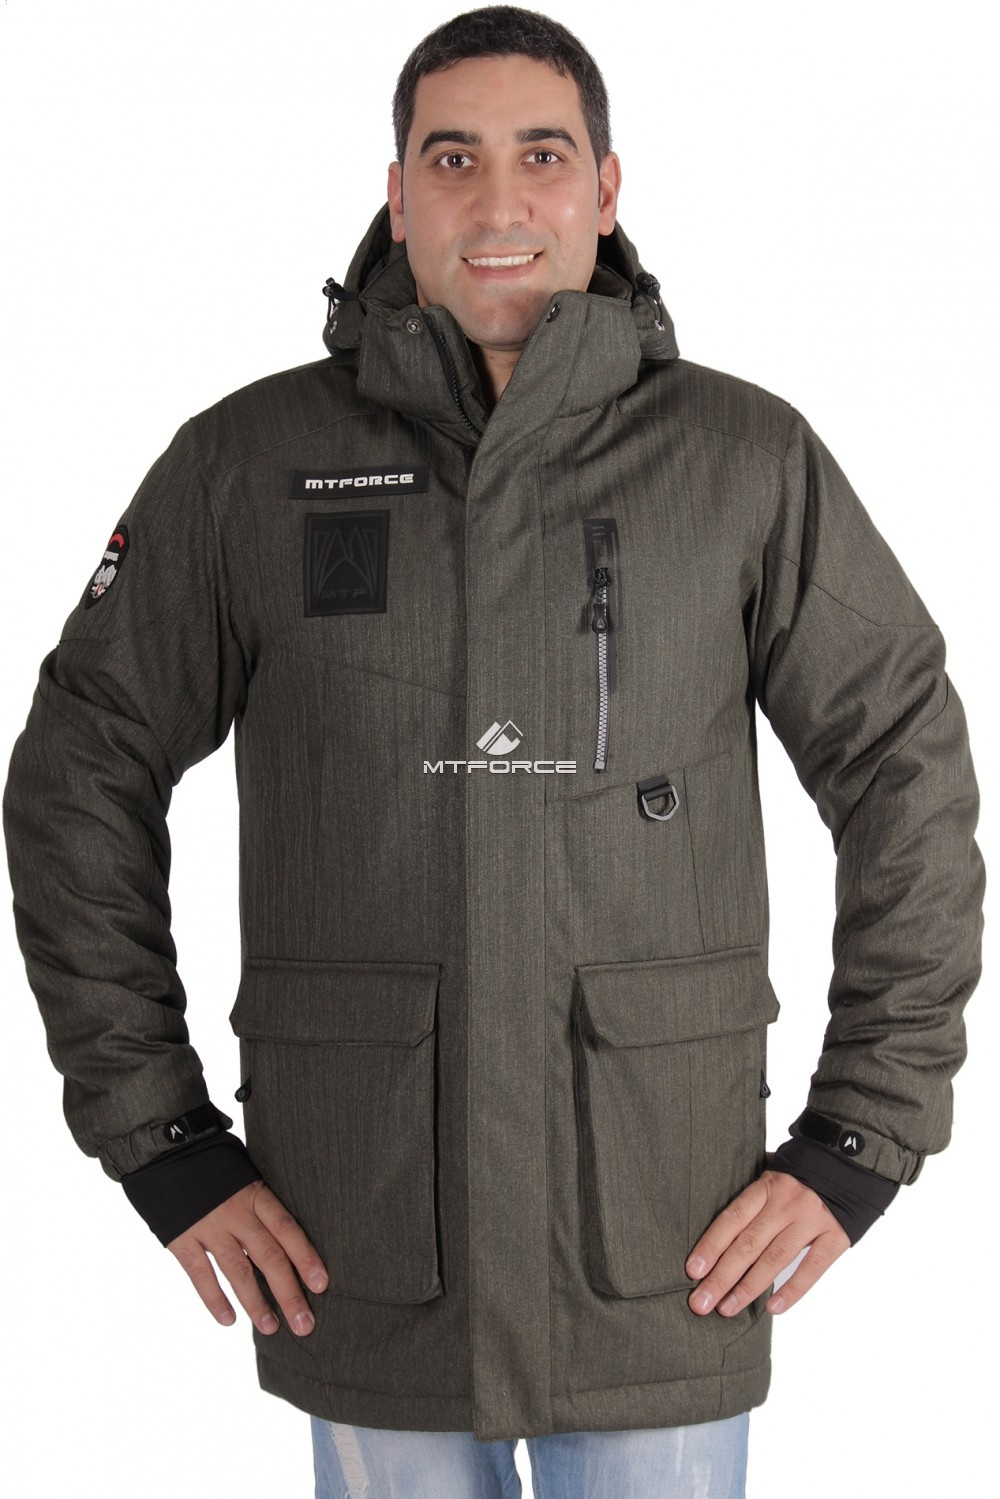 Купить                                  оптом Куртка зимняя удлиненная мужская цвета хаки 1639Kh в Санкт-Петербурге